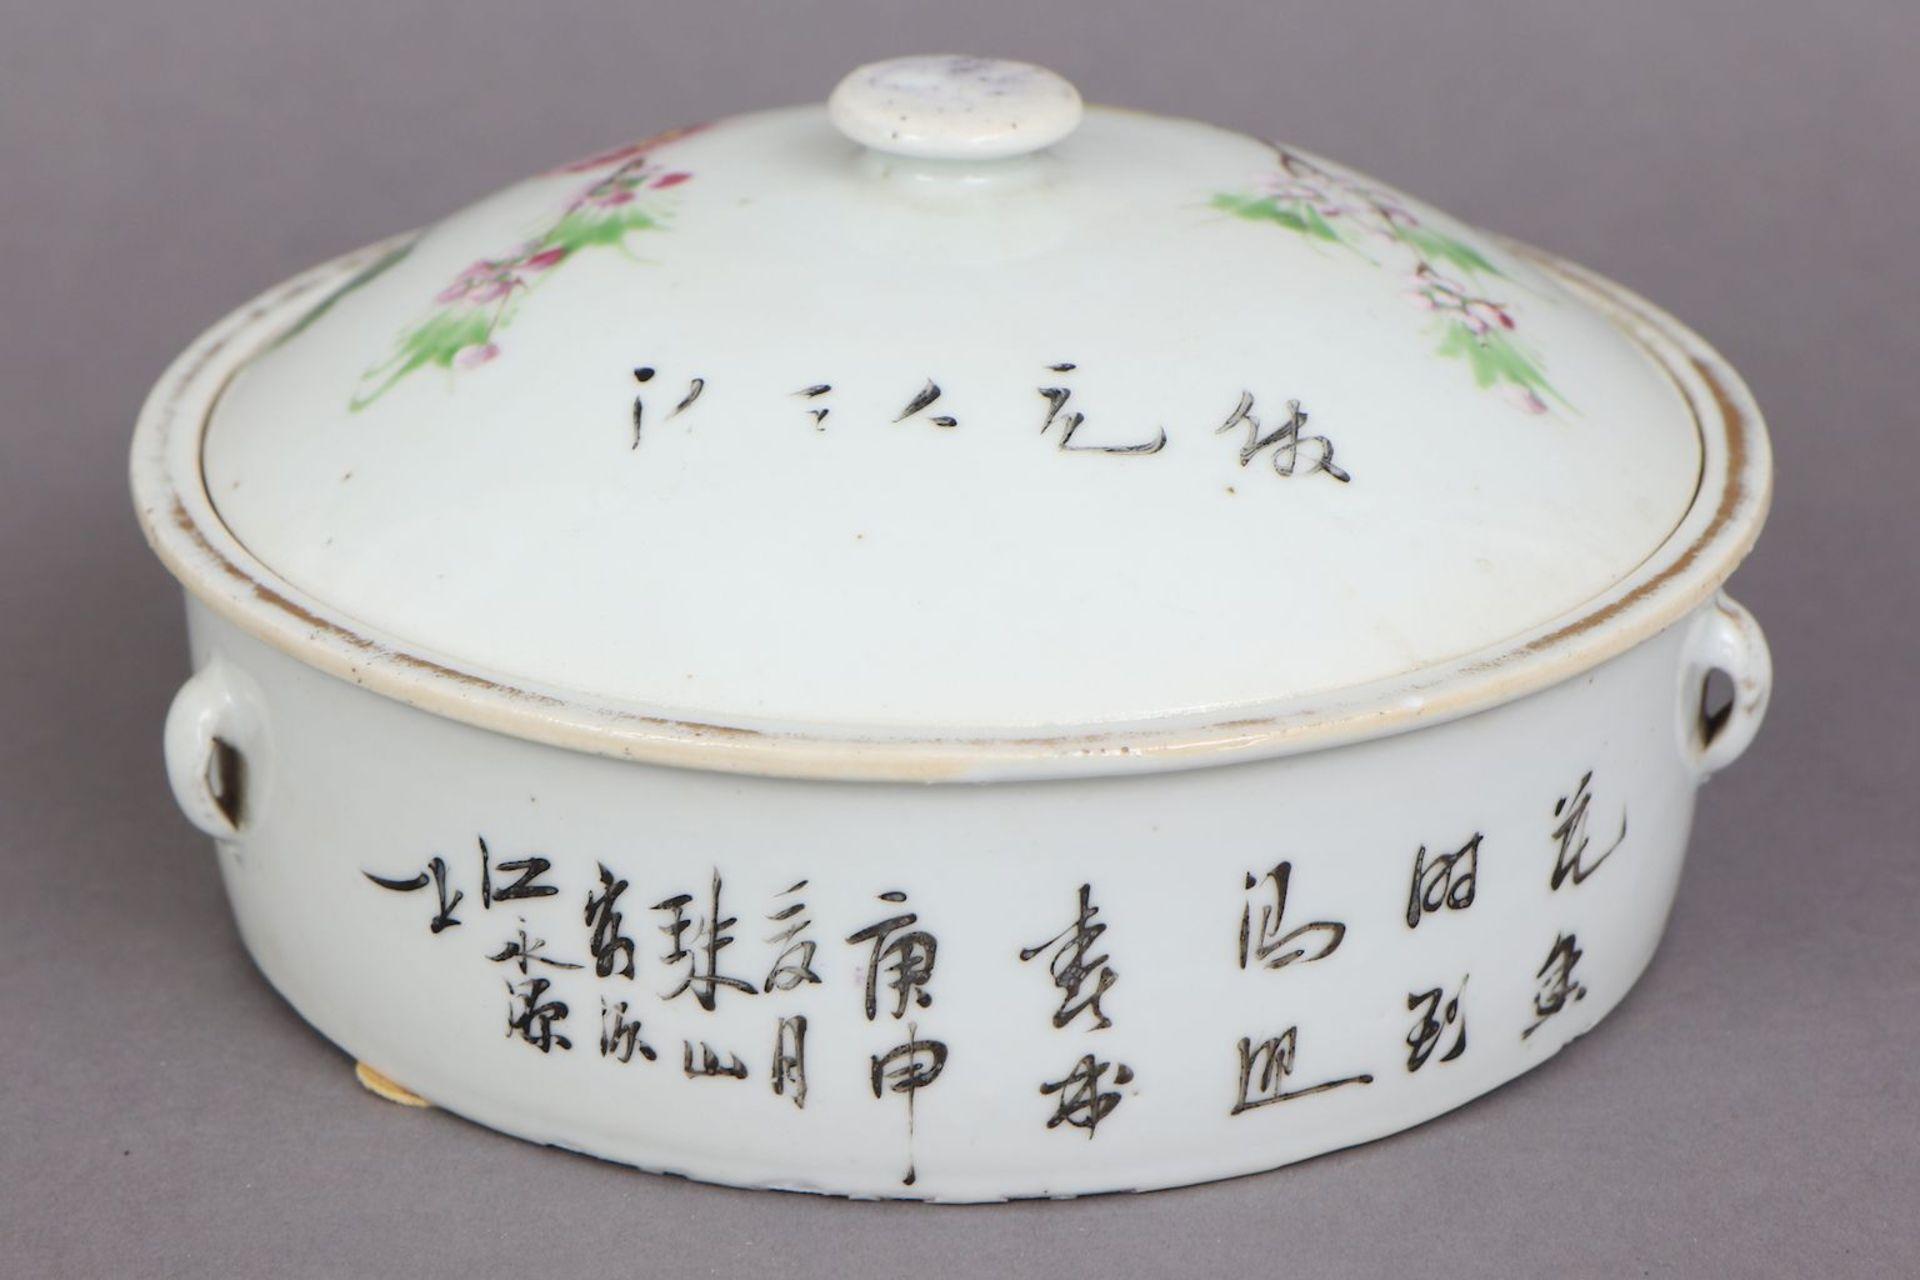 Chinesische Porzellan Deckeldose der späten Qing Dynastie (1644-1912) - Image 3 of 4